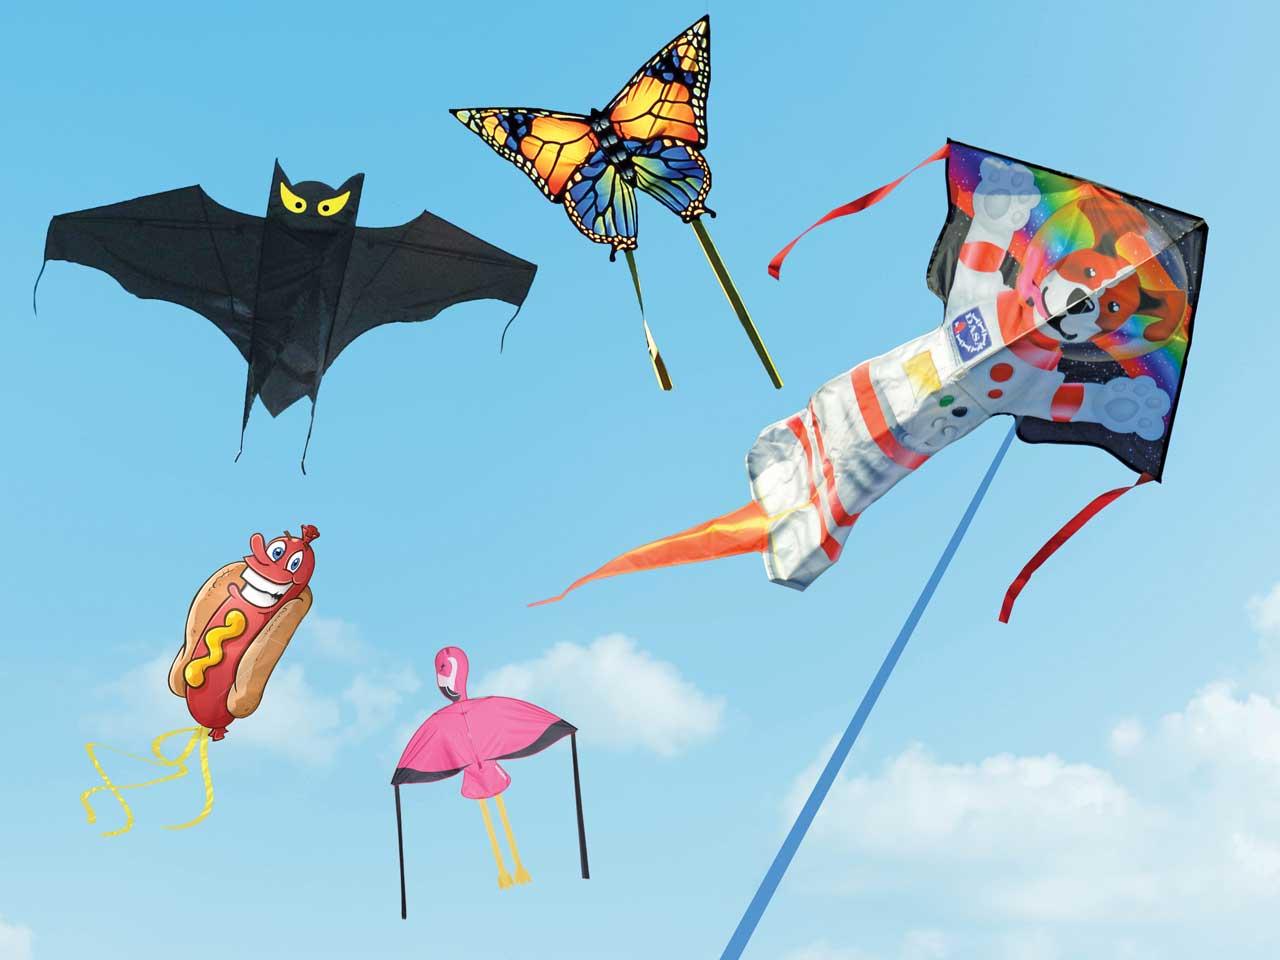 Beginner Friendly Kites For Kids